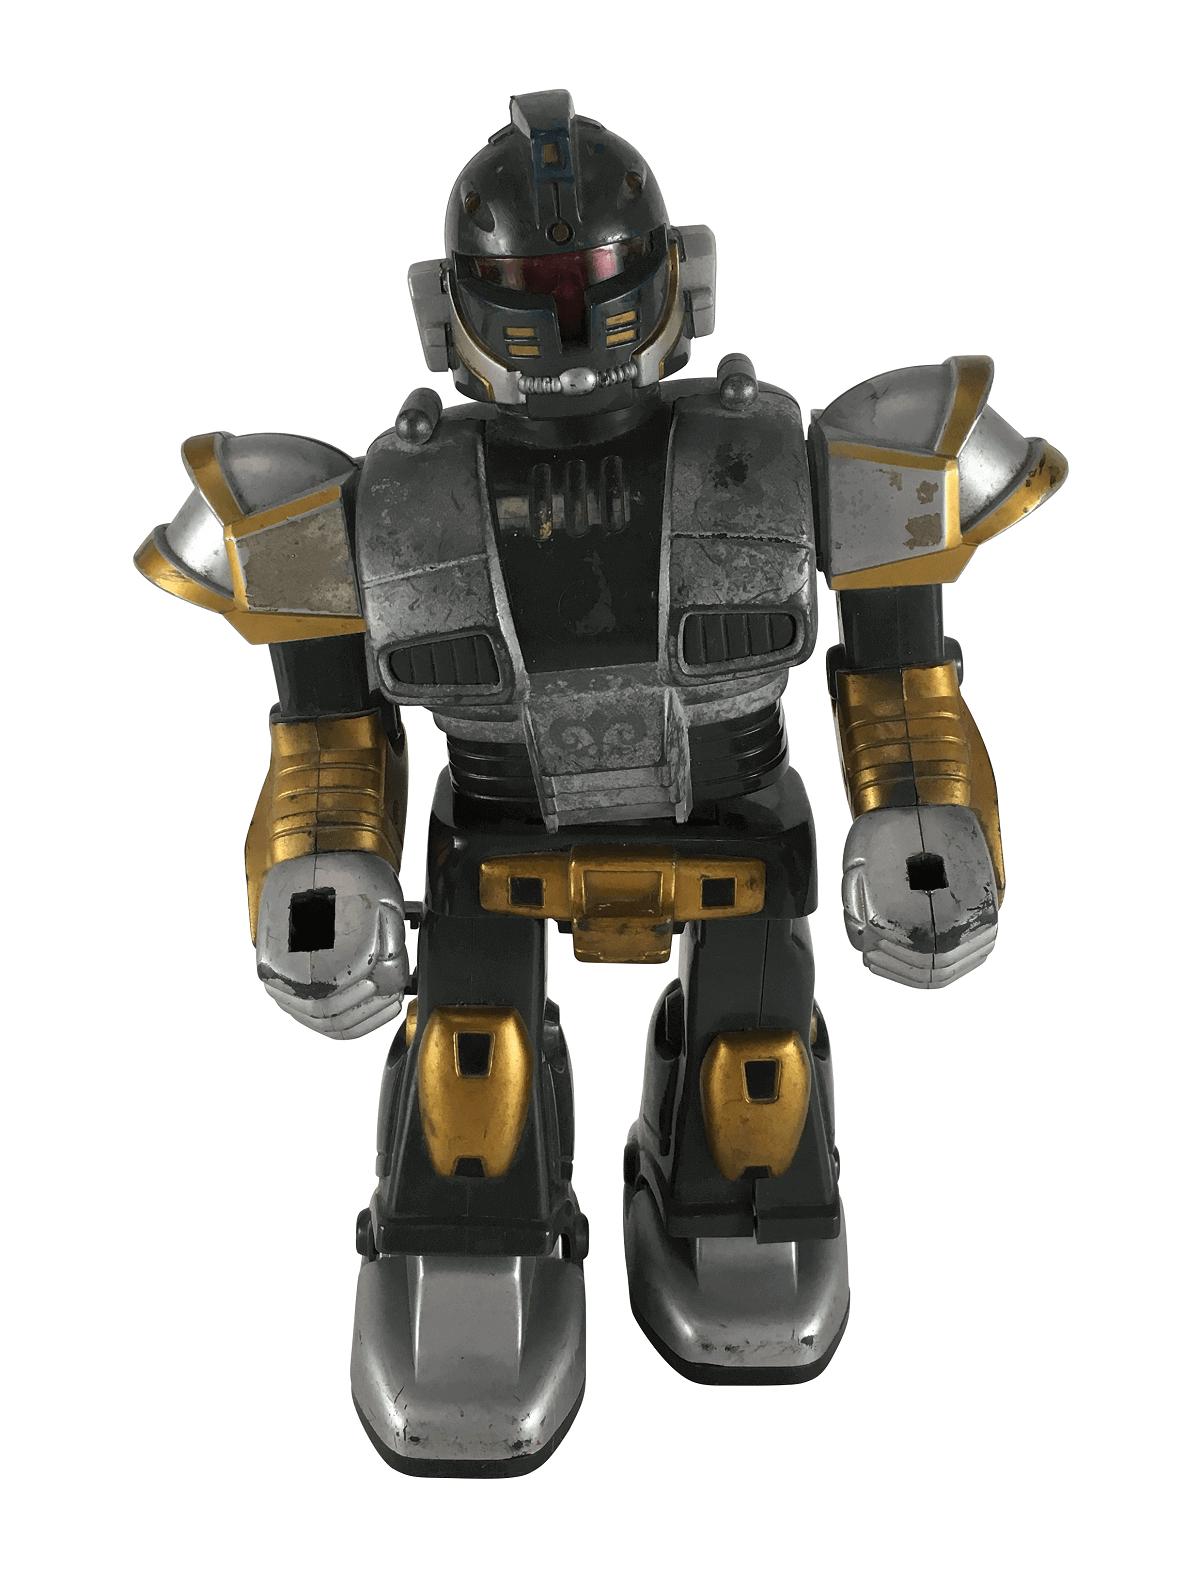 Brinquedo Antigo Robo Toy Rappkid A Pilha